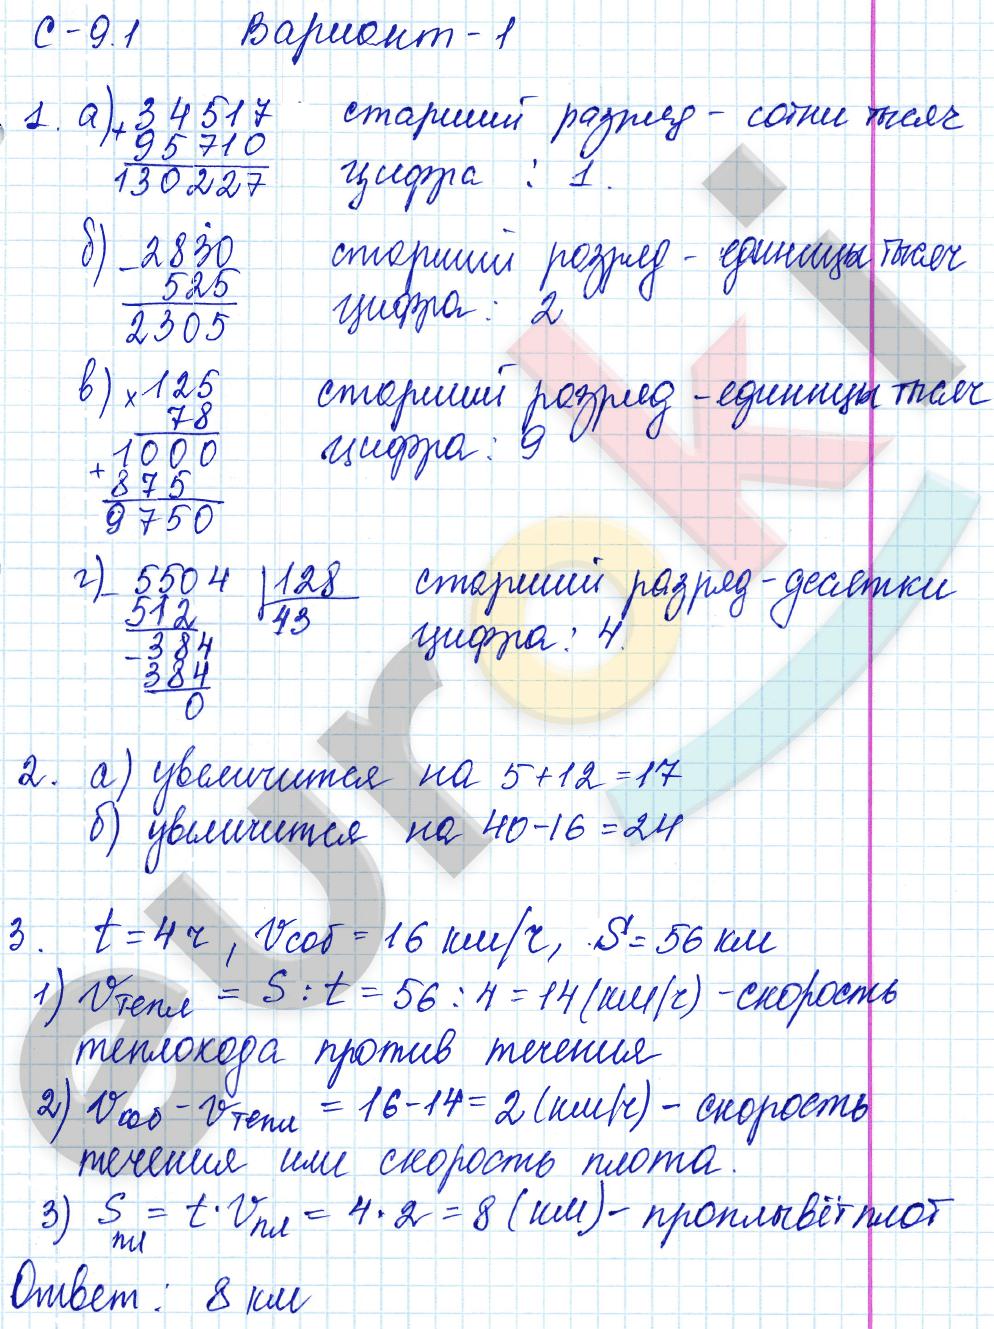 ГДЗ по математике 5 класс самостоятельные работы Зубарева, Мильштейн, Шанцева Тема 1. Натуральные числа, С-9.1. Прикидка результата действия. Задание: Вариант 1